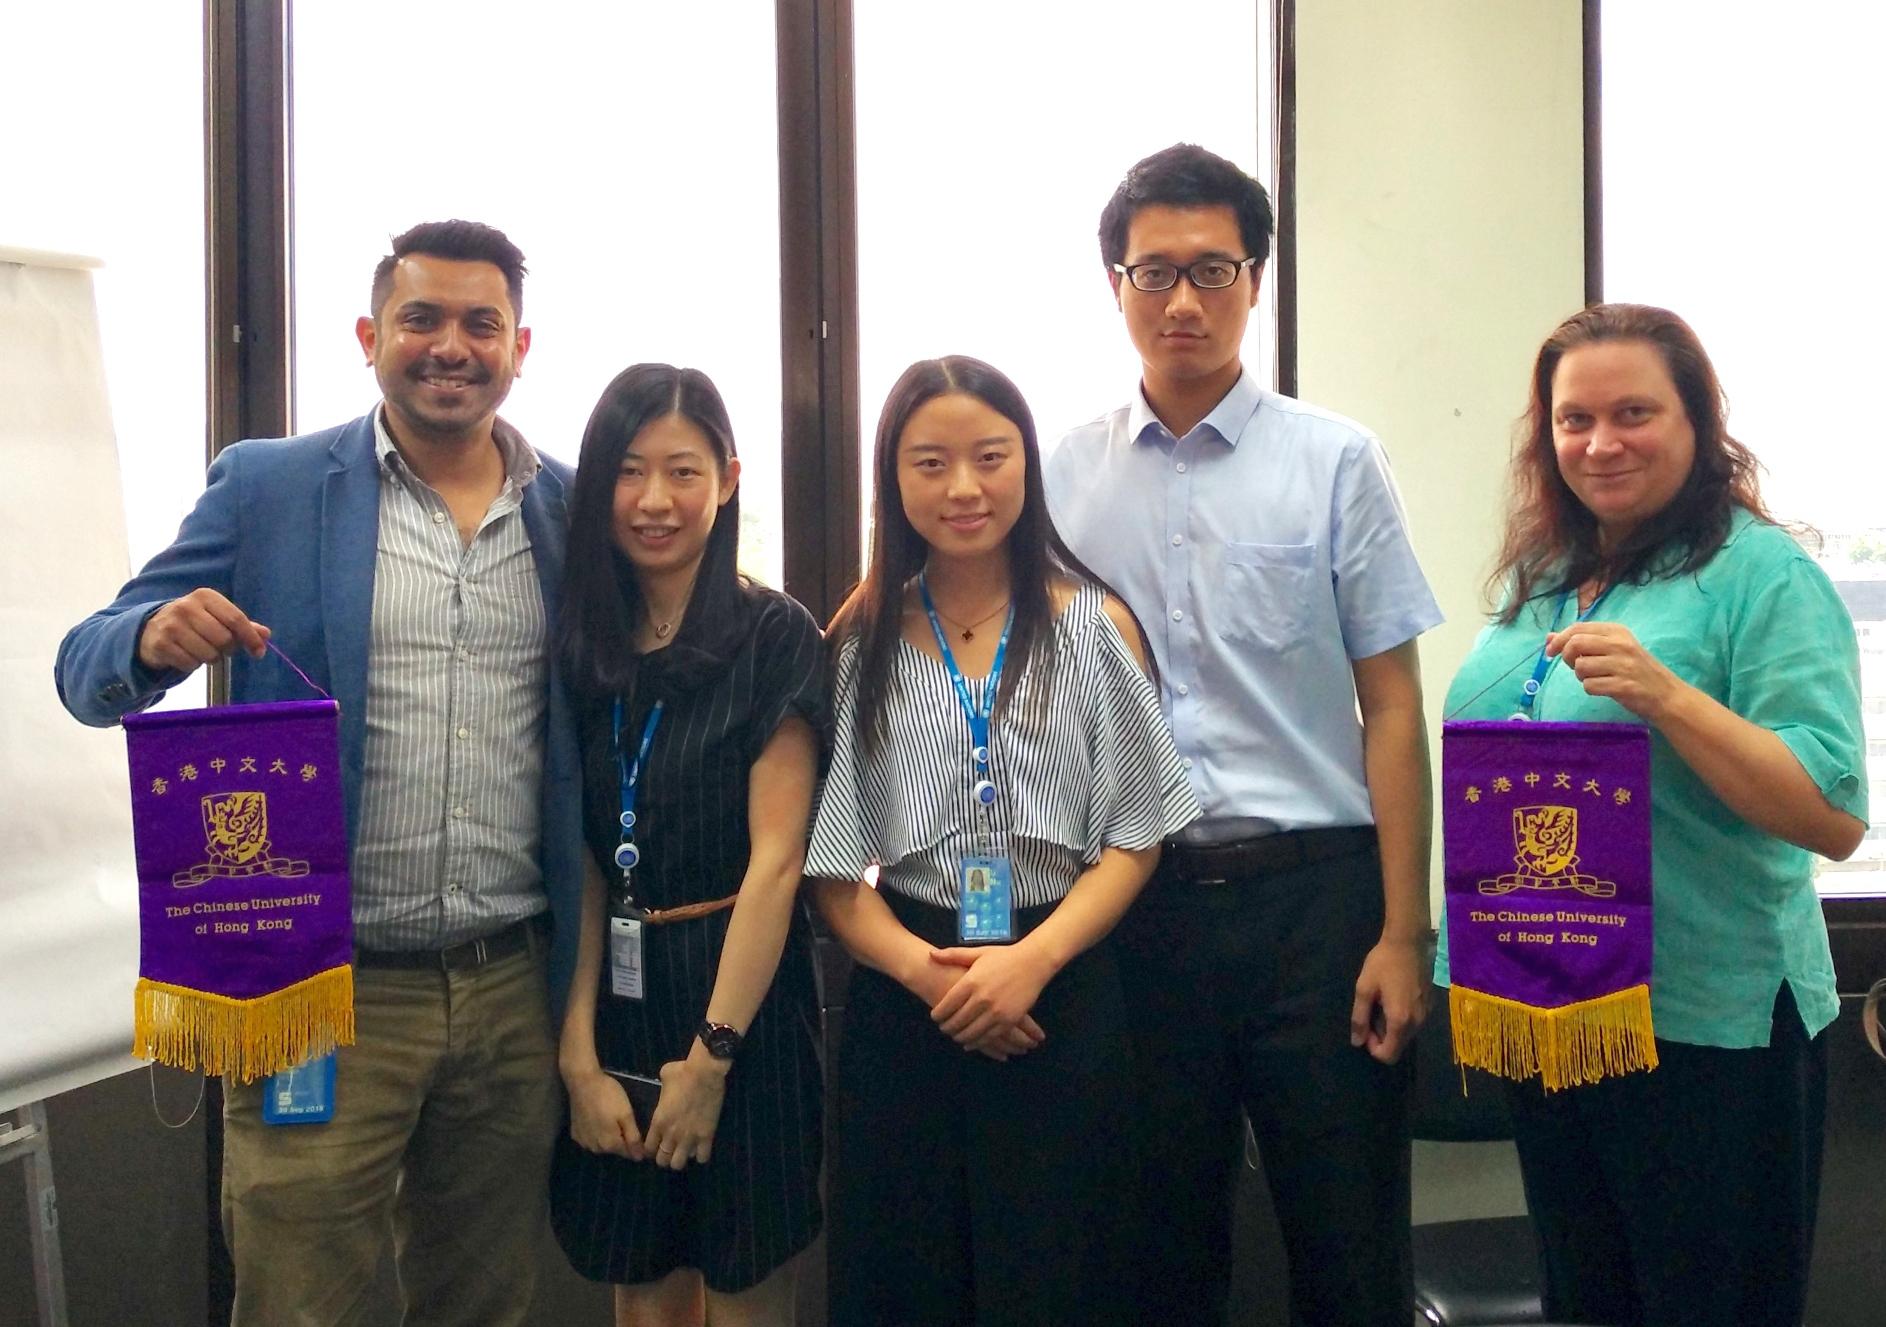 中大實習生致送紀念旗予UNESCAP的實習部門。